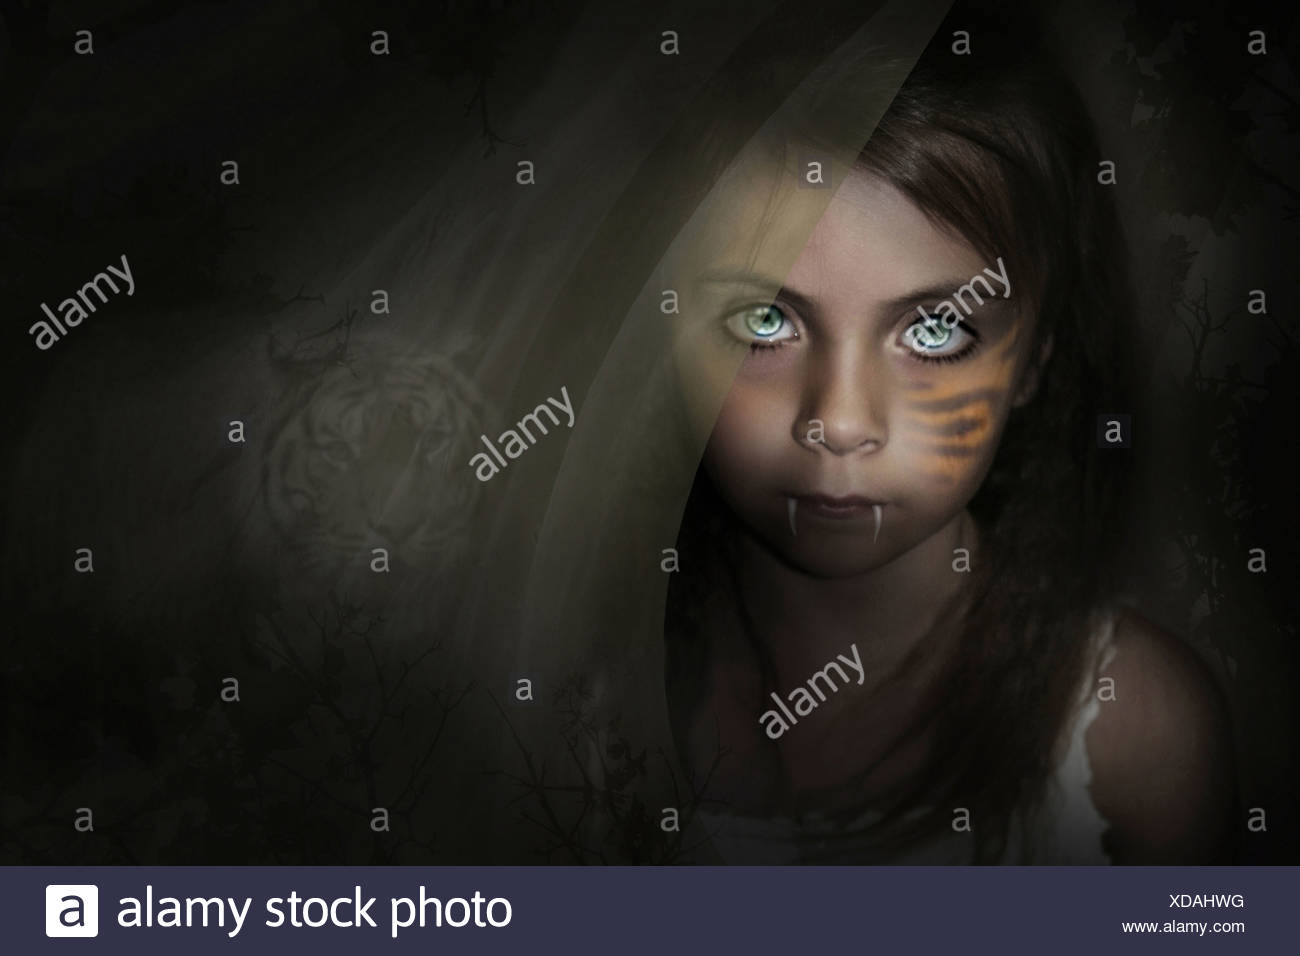 Imagen de fantasía con niño con colmillos y un tigre en el fondo detrás de ella. Imagen De Stock